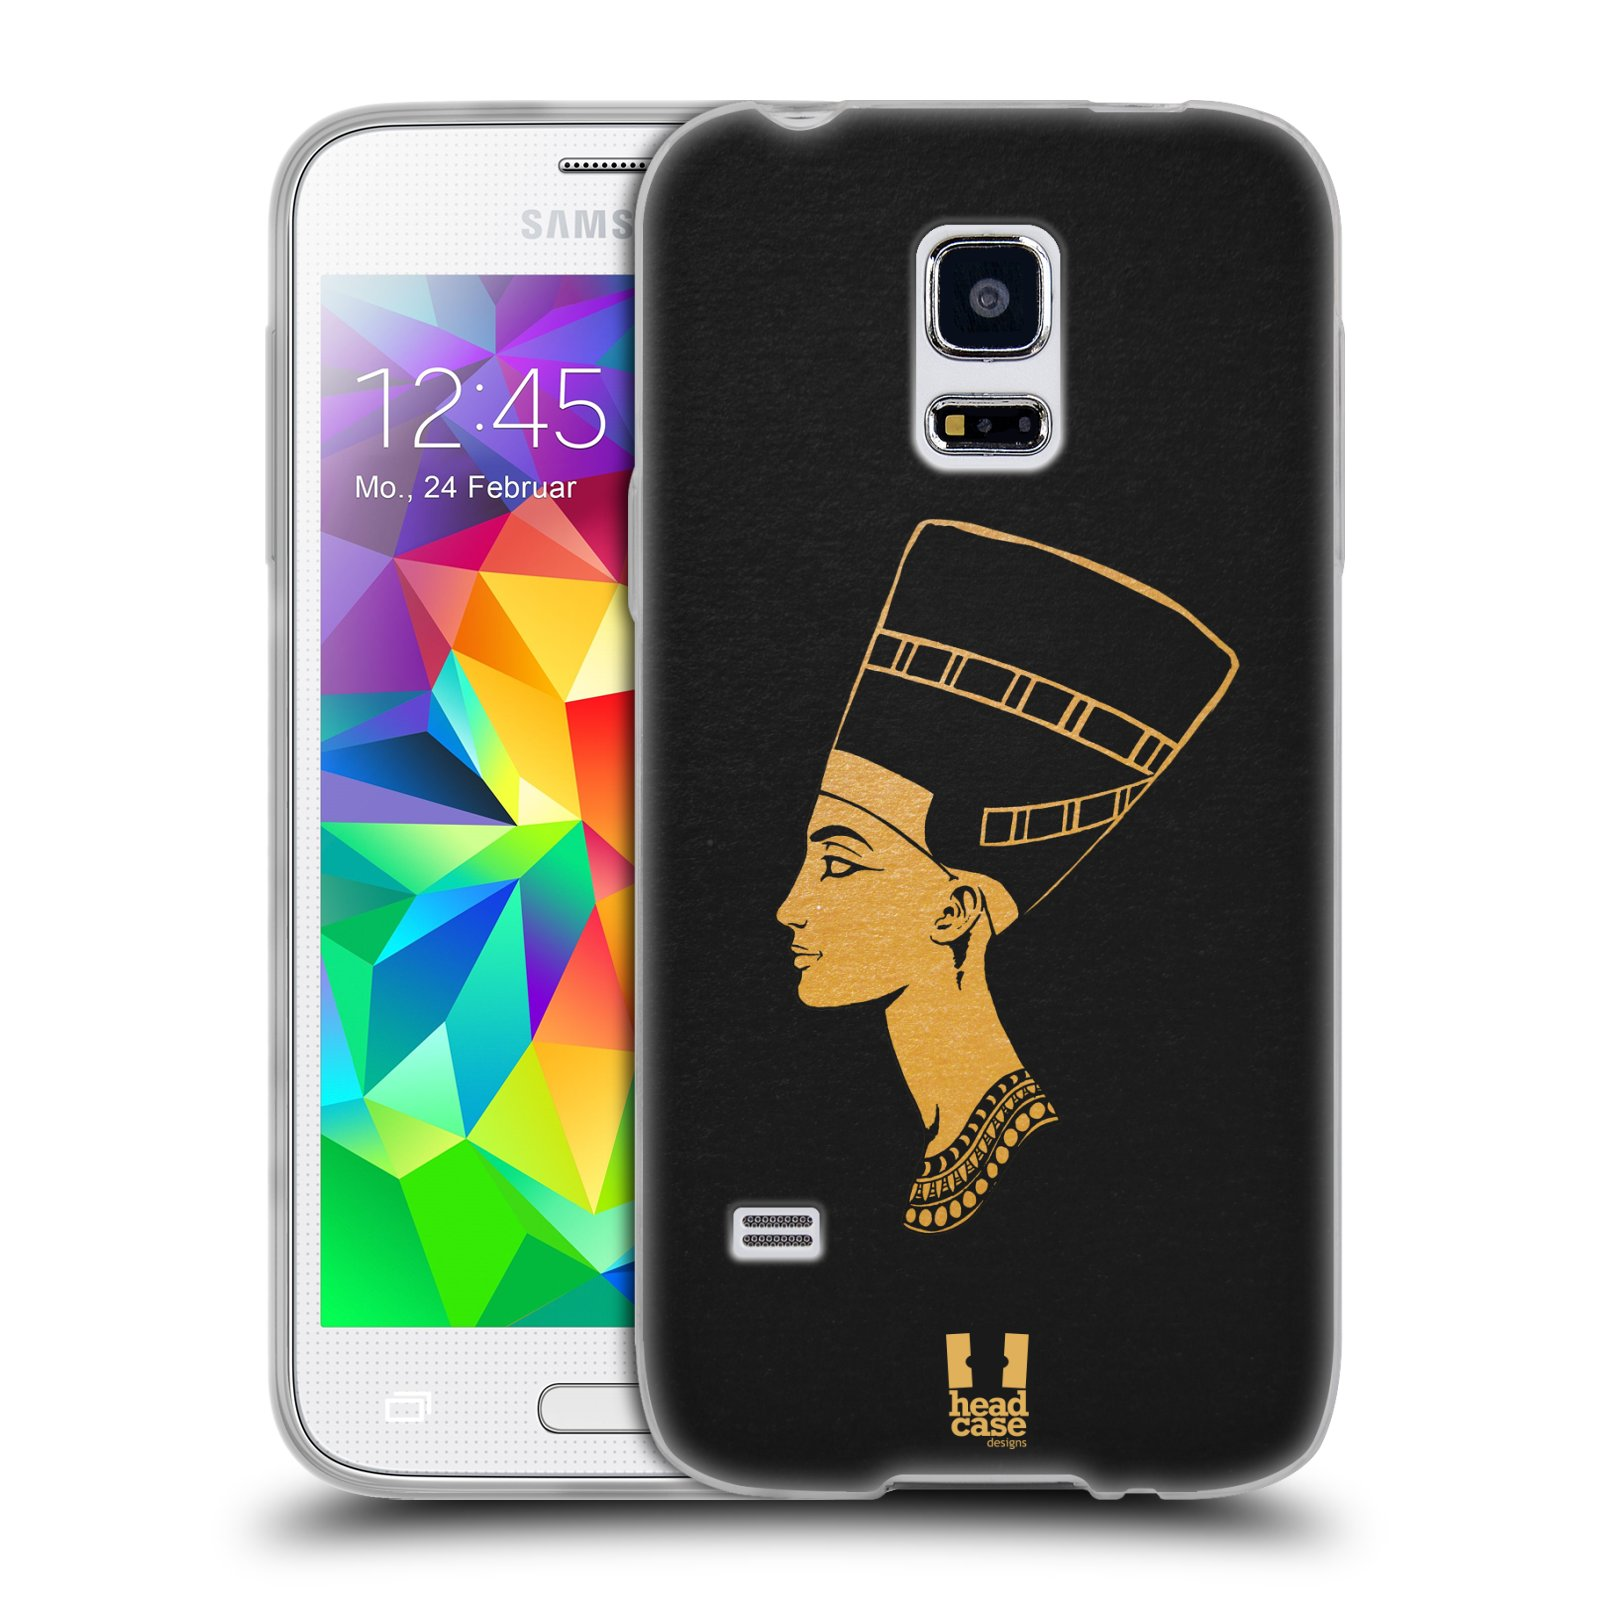 Silikonové pouzdro na mobil Samsung Galaxy S5 Mini HEAD CASE EGYPT NEFERTITI (Silikonový kryt či obal na mobilní telefon Samsung Galaxy S5 Mini SM-G800F)